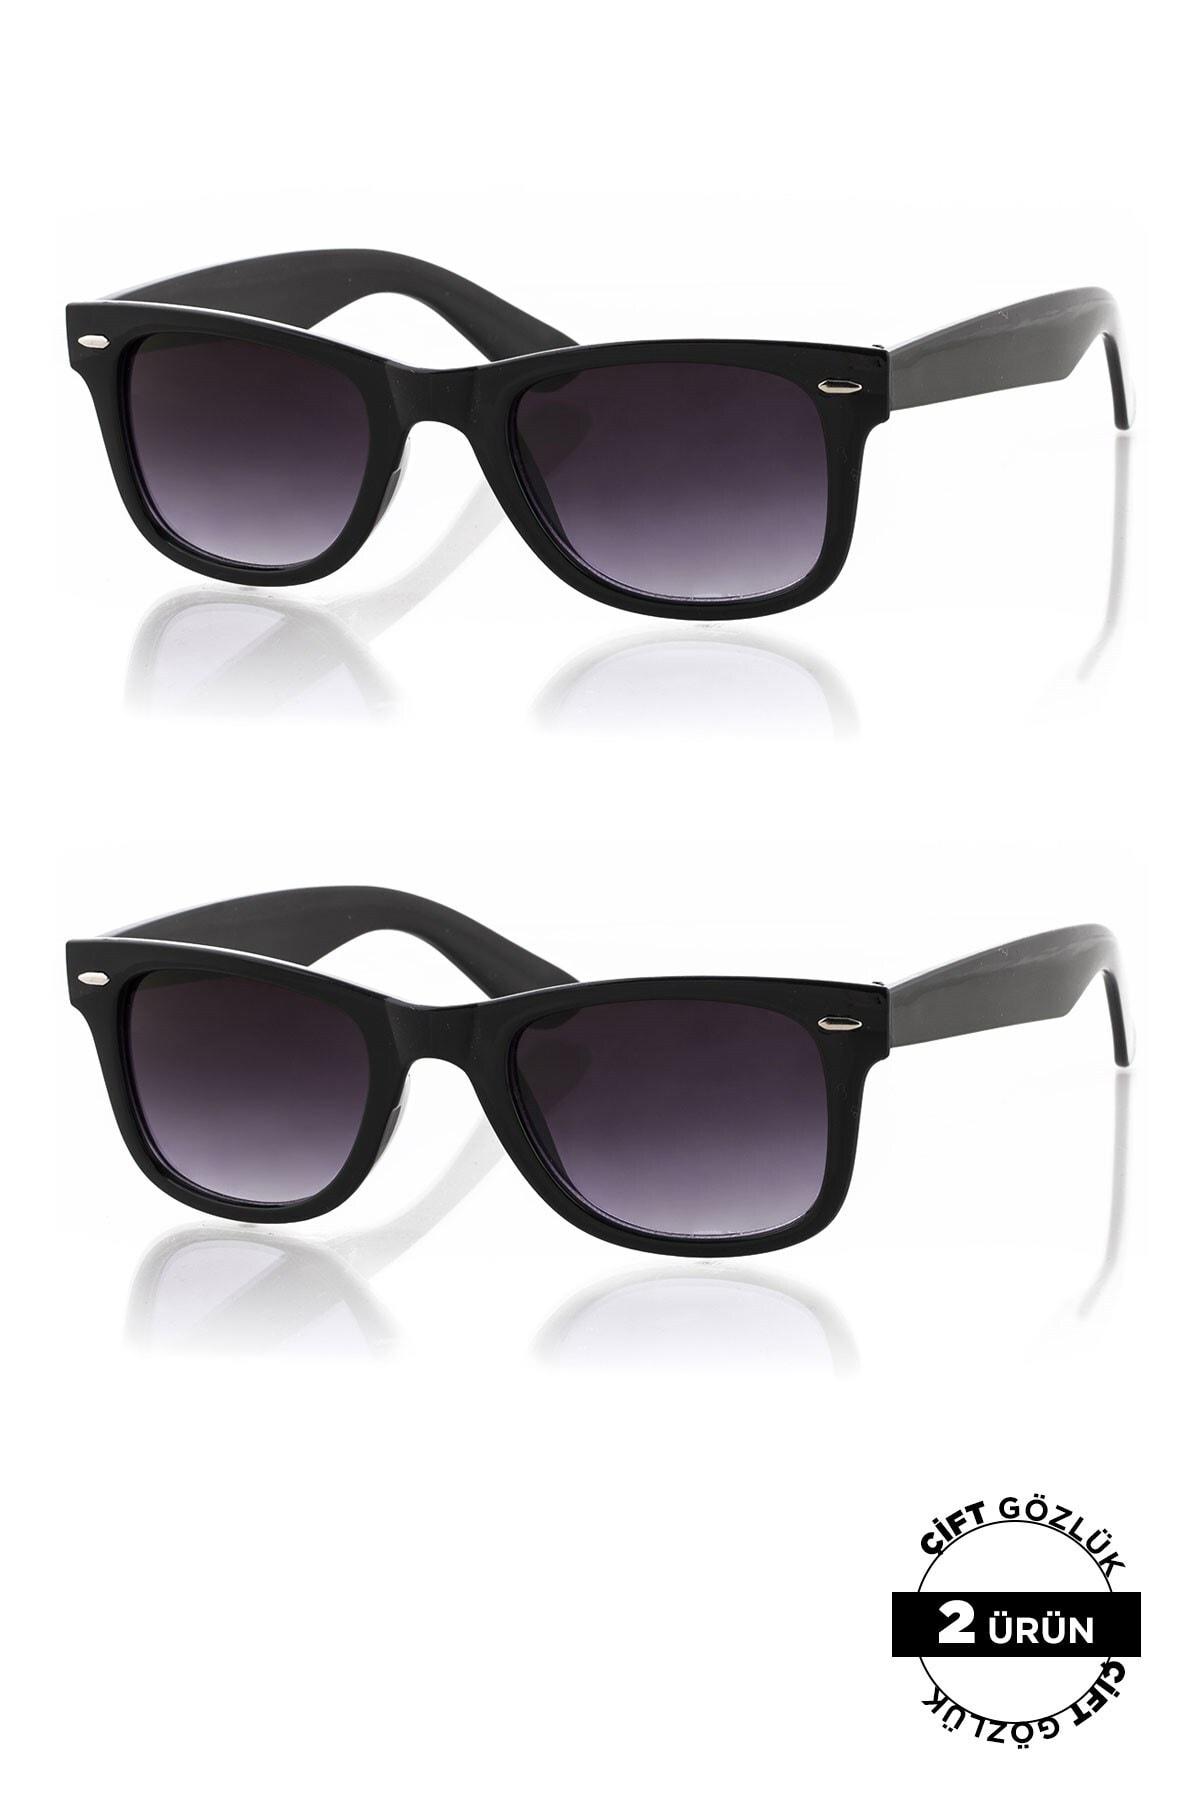 Polo55 Unisex Güneş Siyah Gözlüğü 2'li Ürün 0